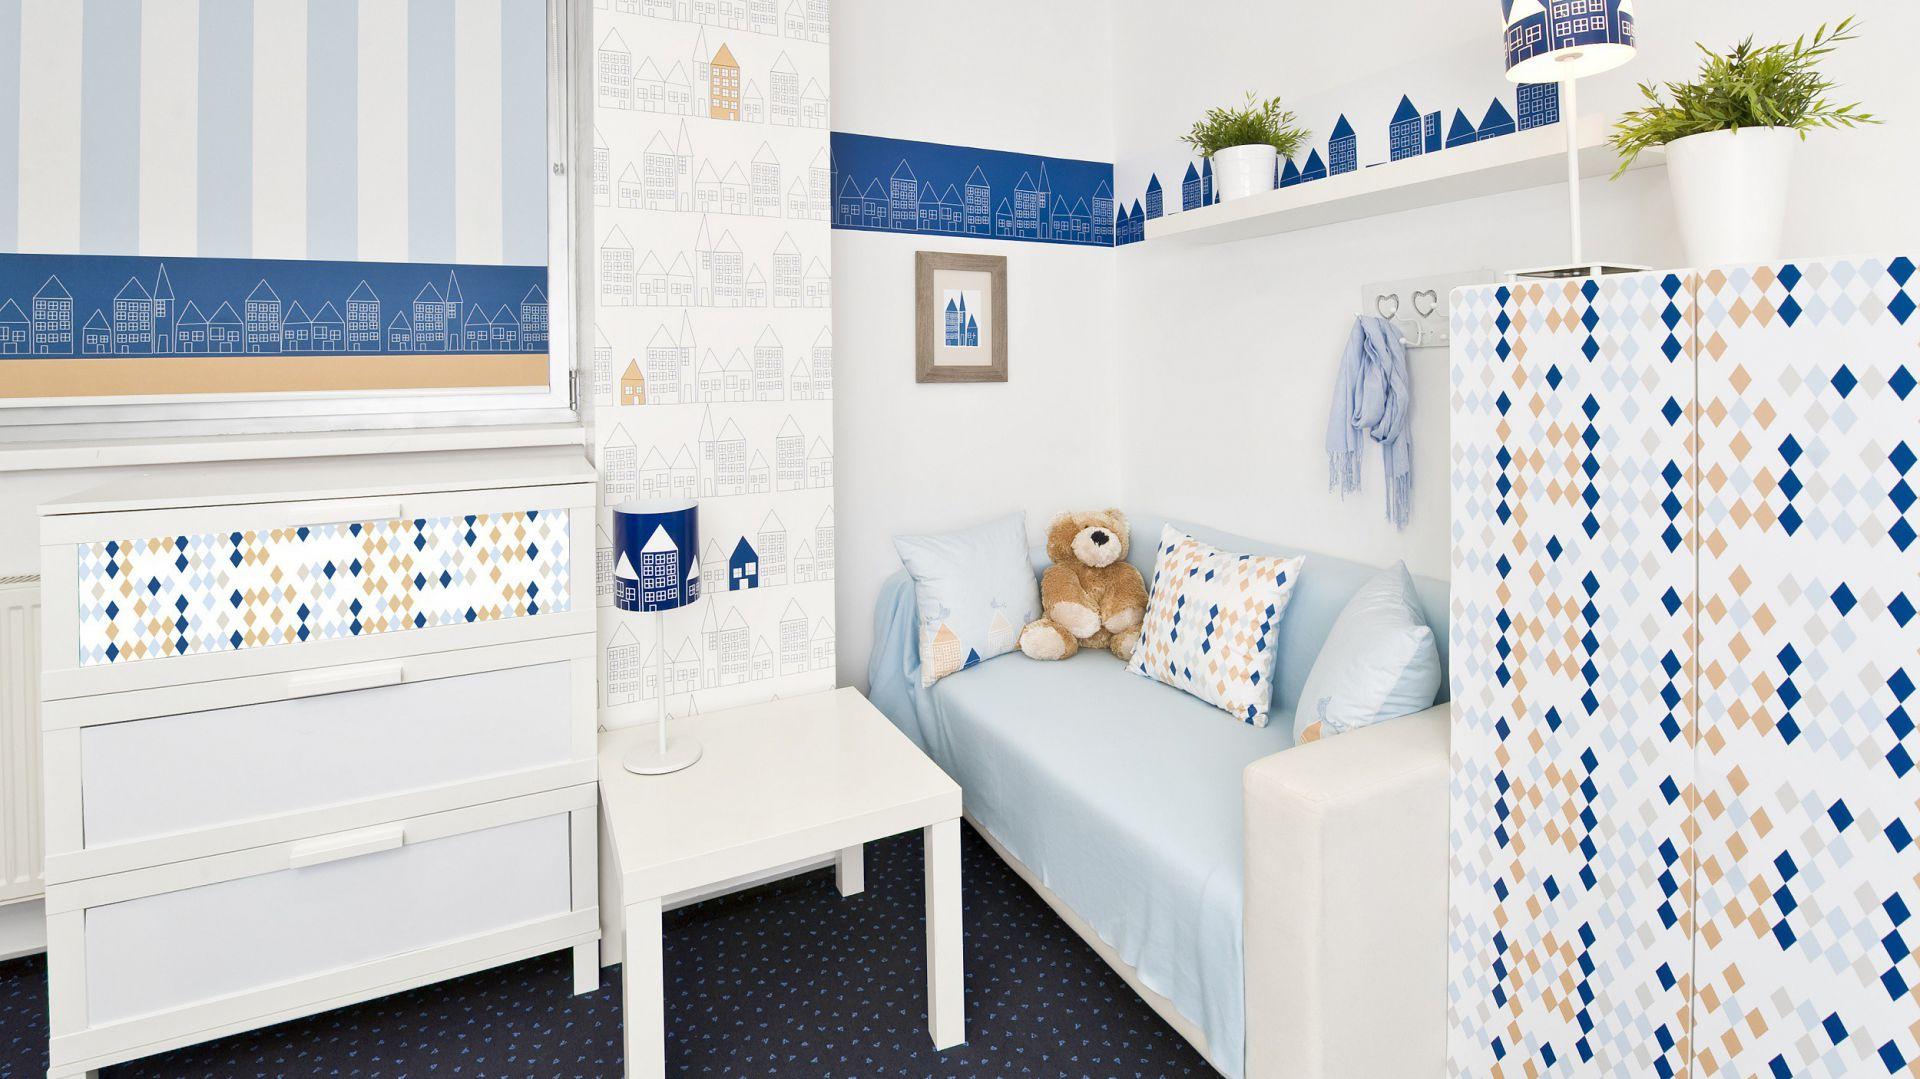 Pokój ozdobiony niebieskimi dekoracjami przypadnie do gustu dziewczynkom i chłopcom. Fot. Lotari.